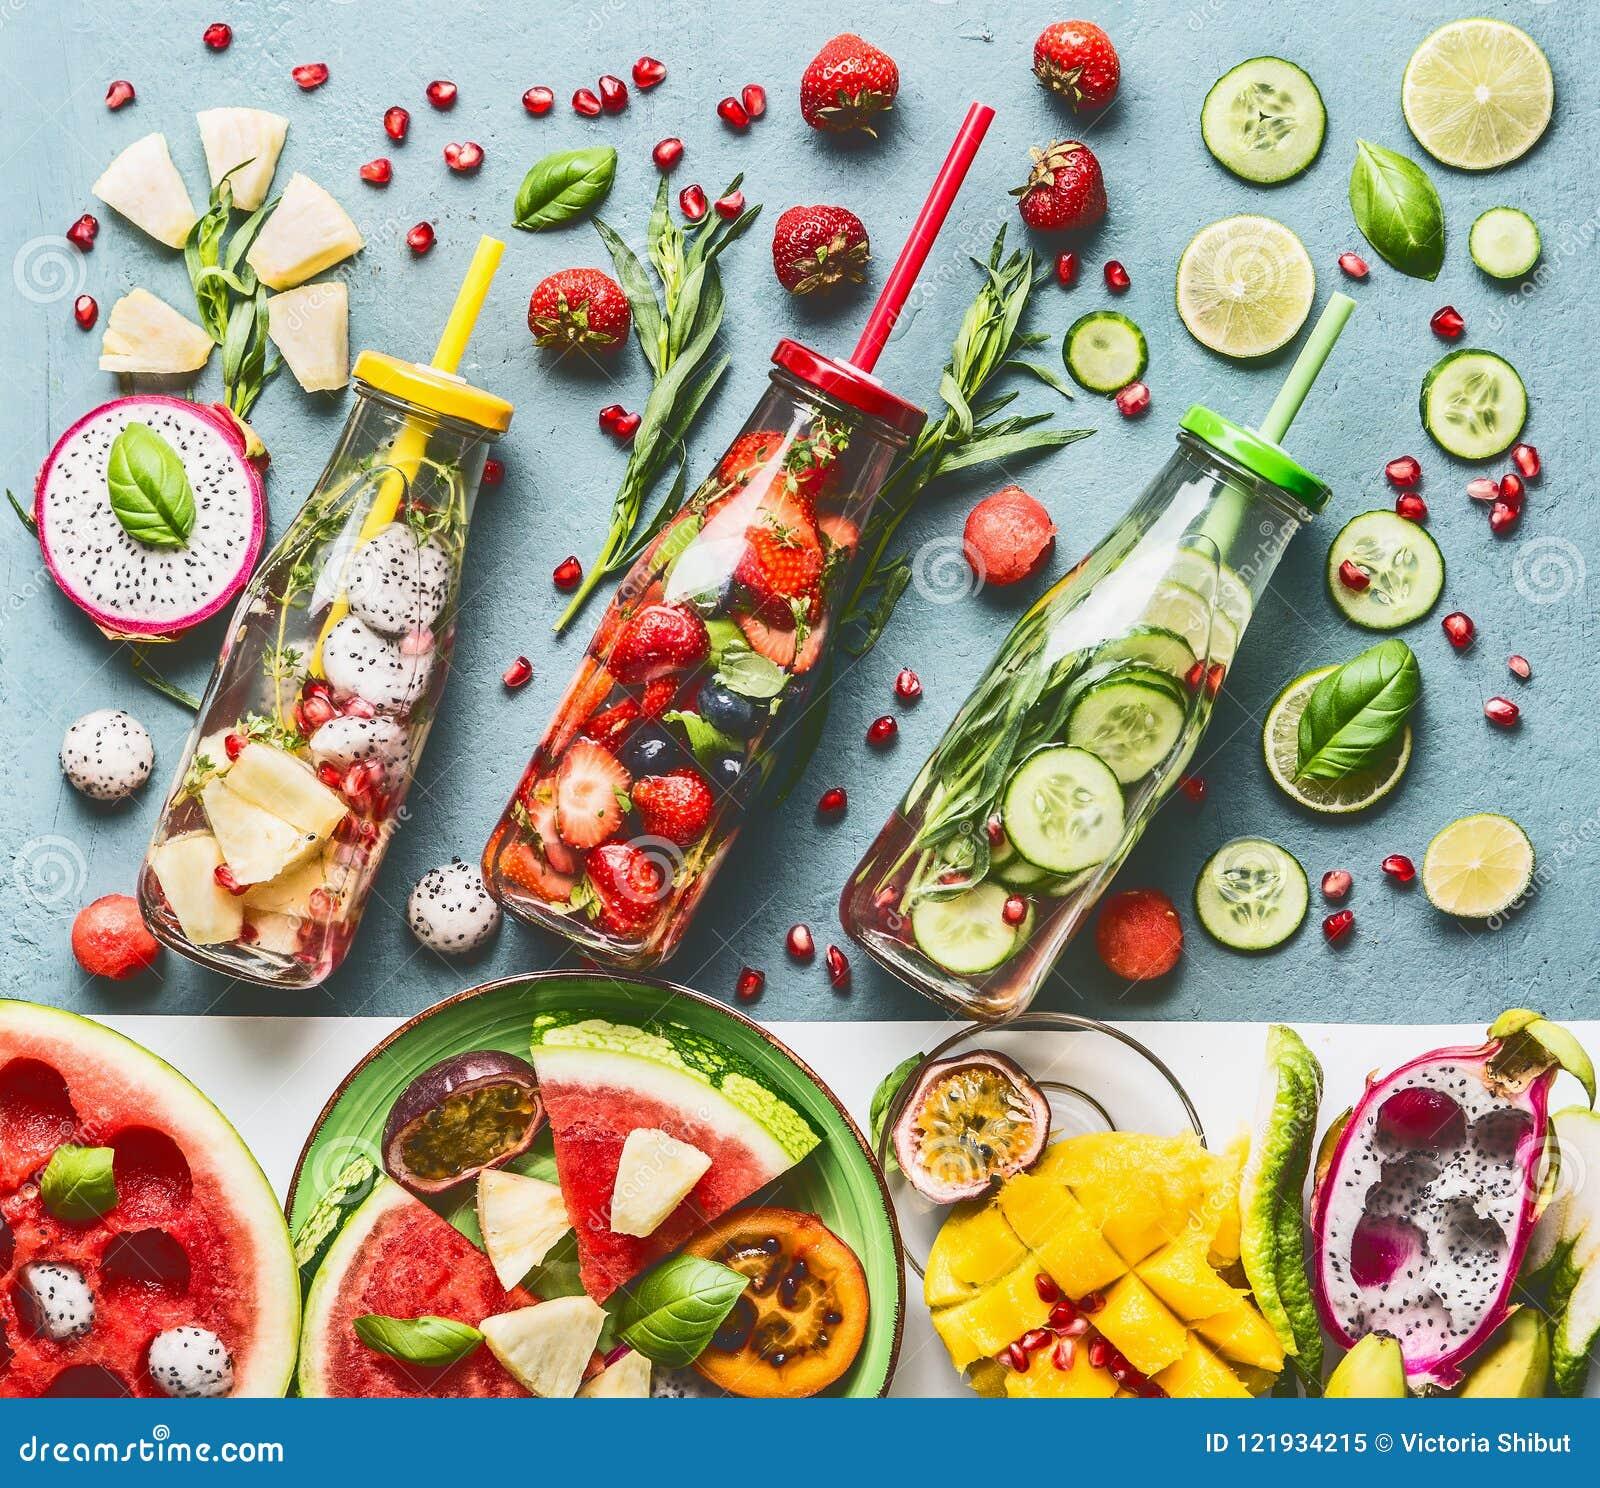 Restauración y suplemento del verano que hidratan el agua infundida en botellas con los ingredientes, visión superior